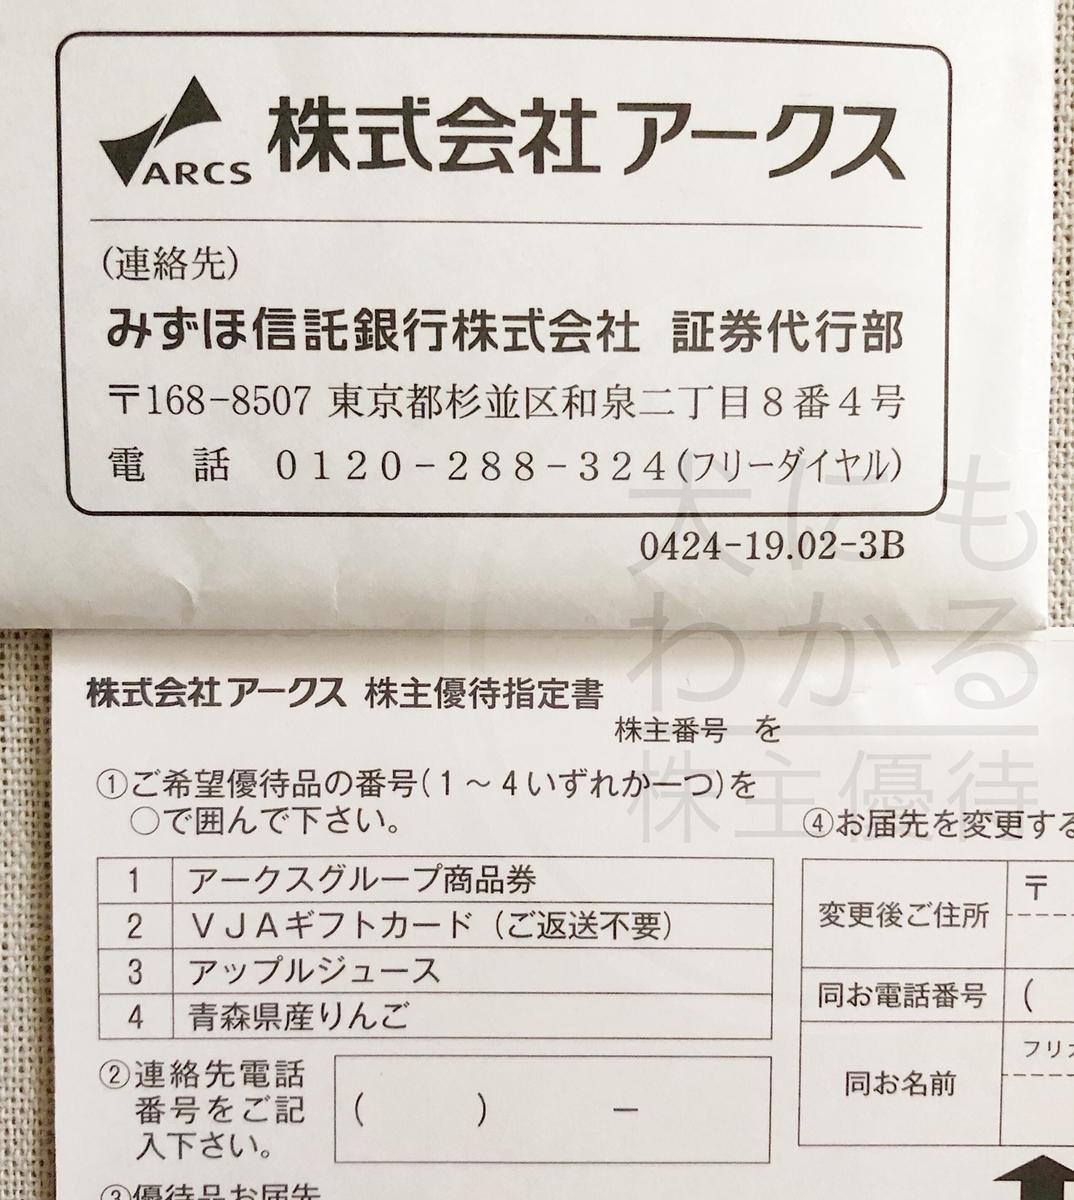 株式会社アークス 株主優待品